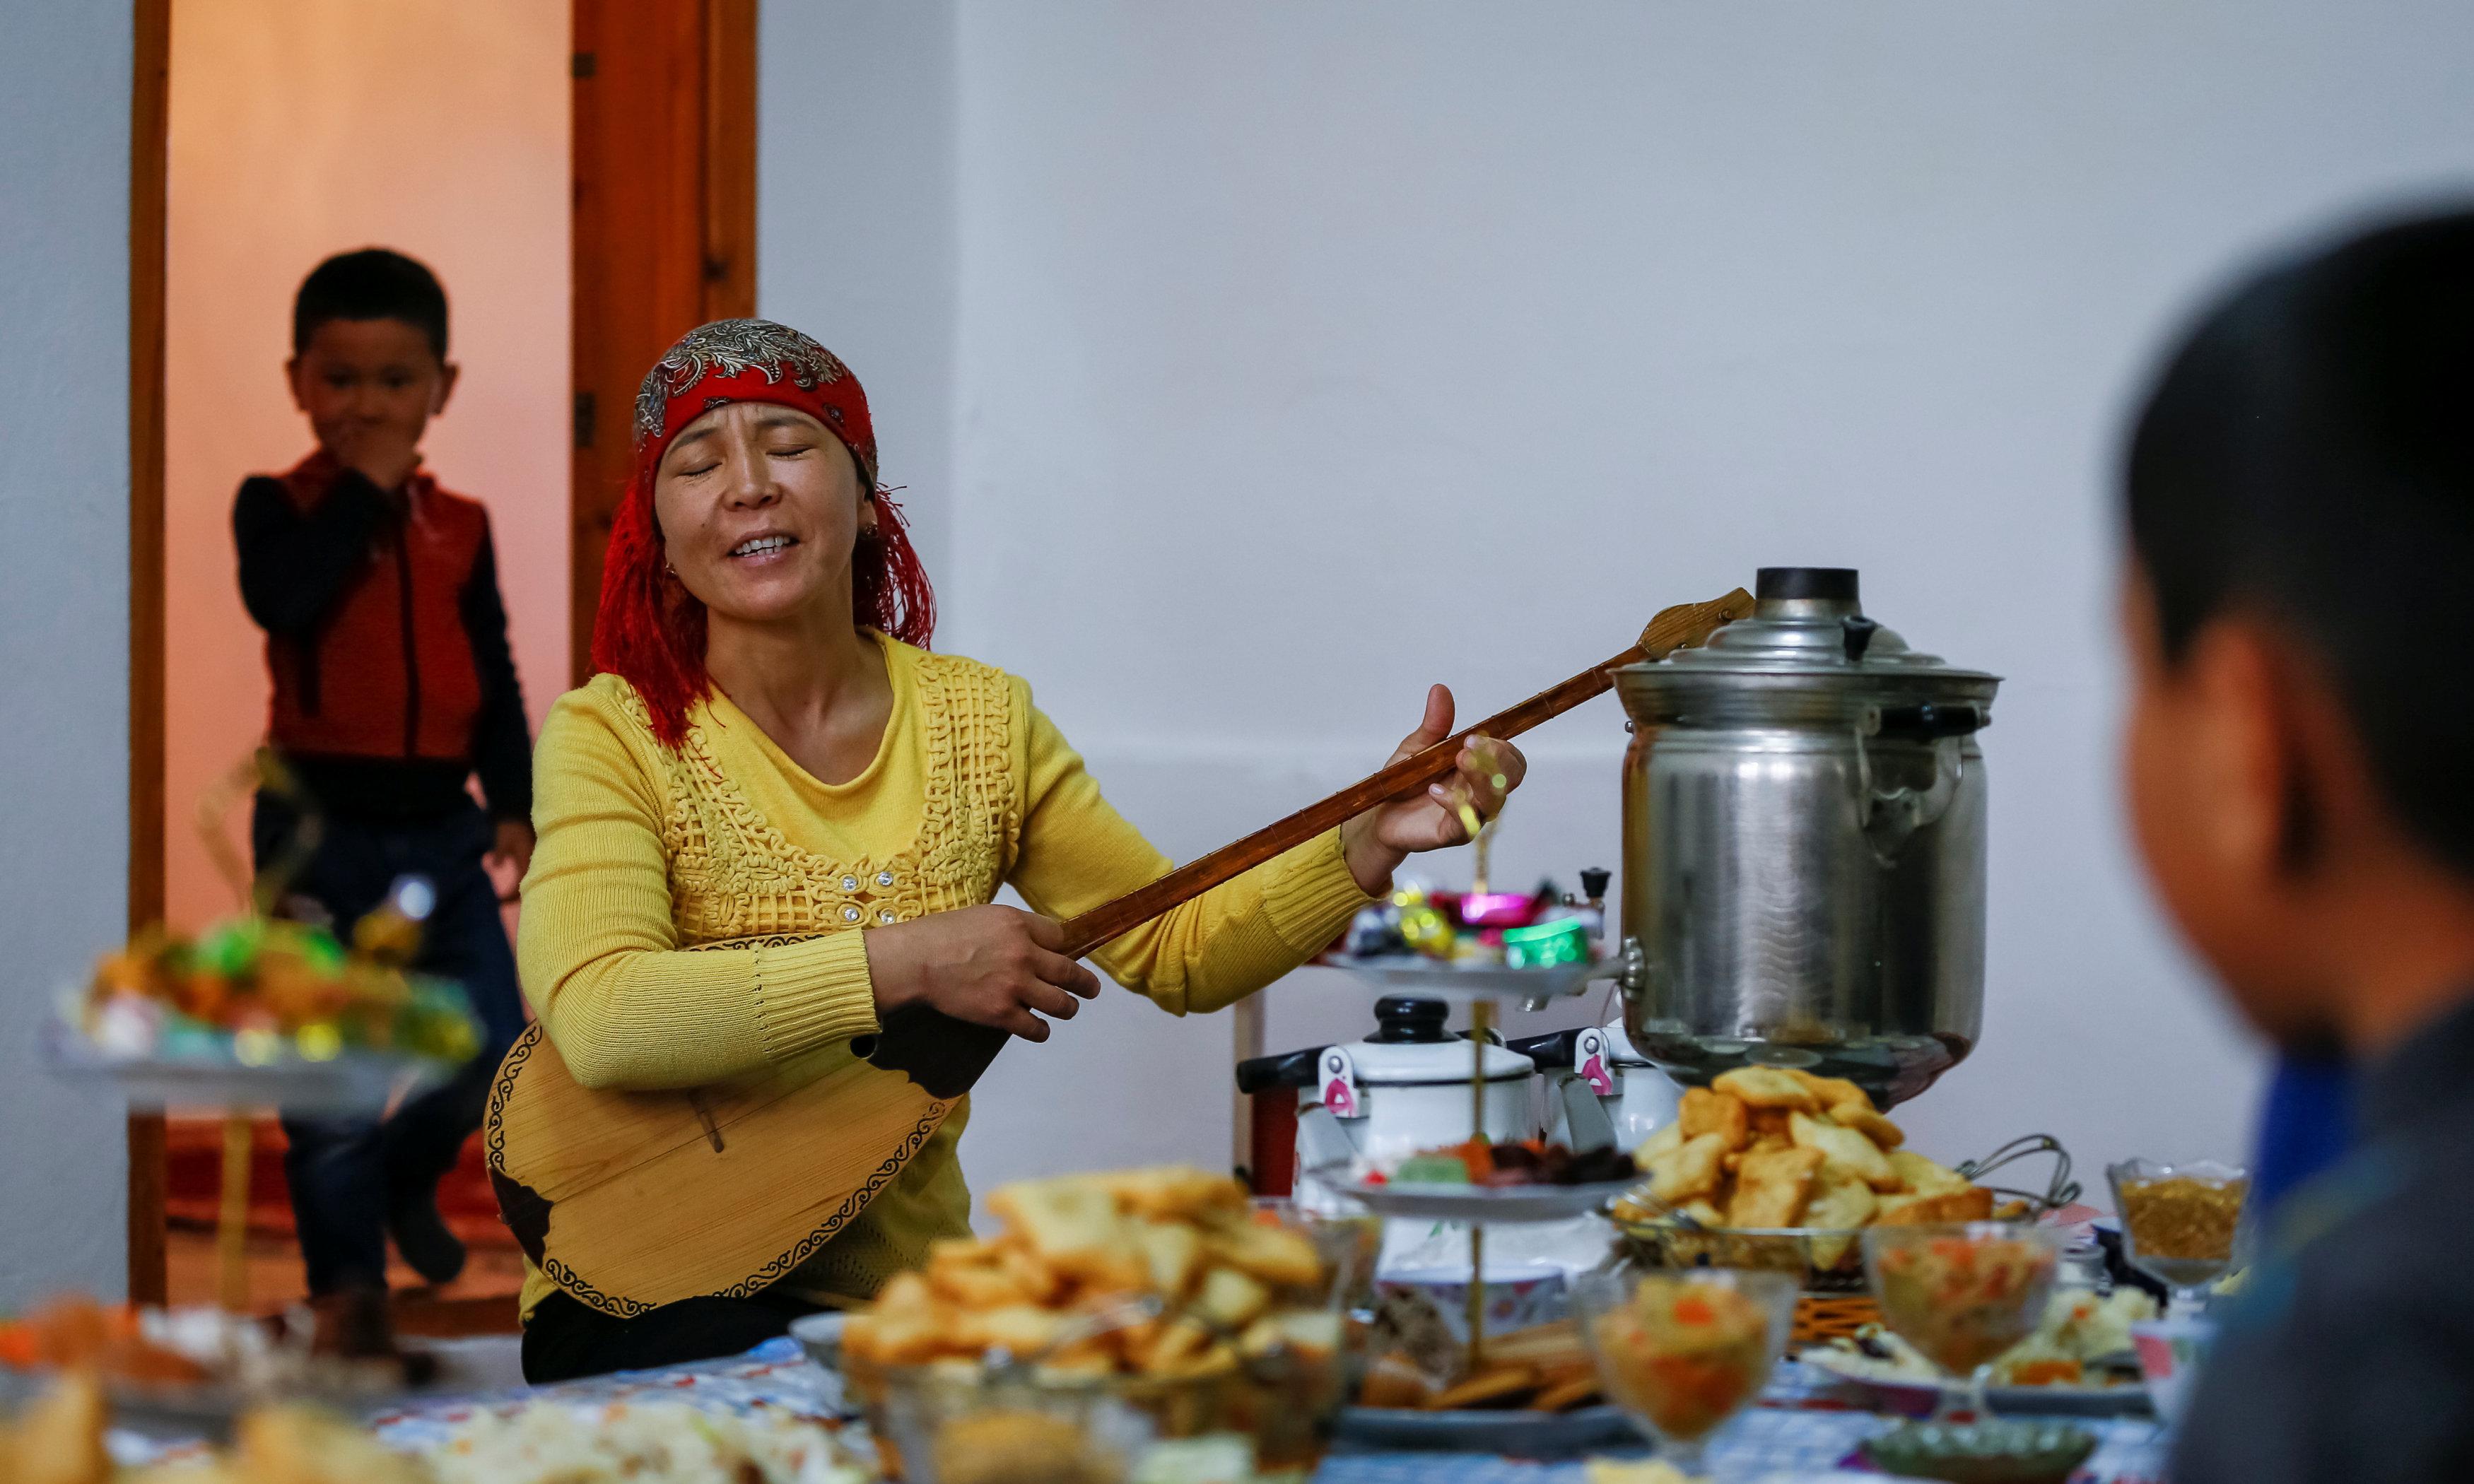 Жительница села Боген (близ Аральского моря) играет на домбре